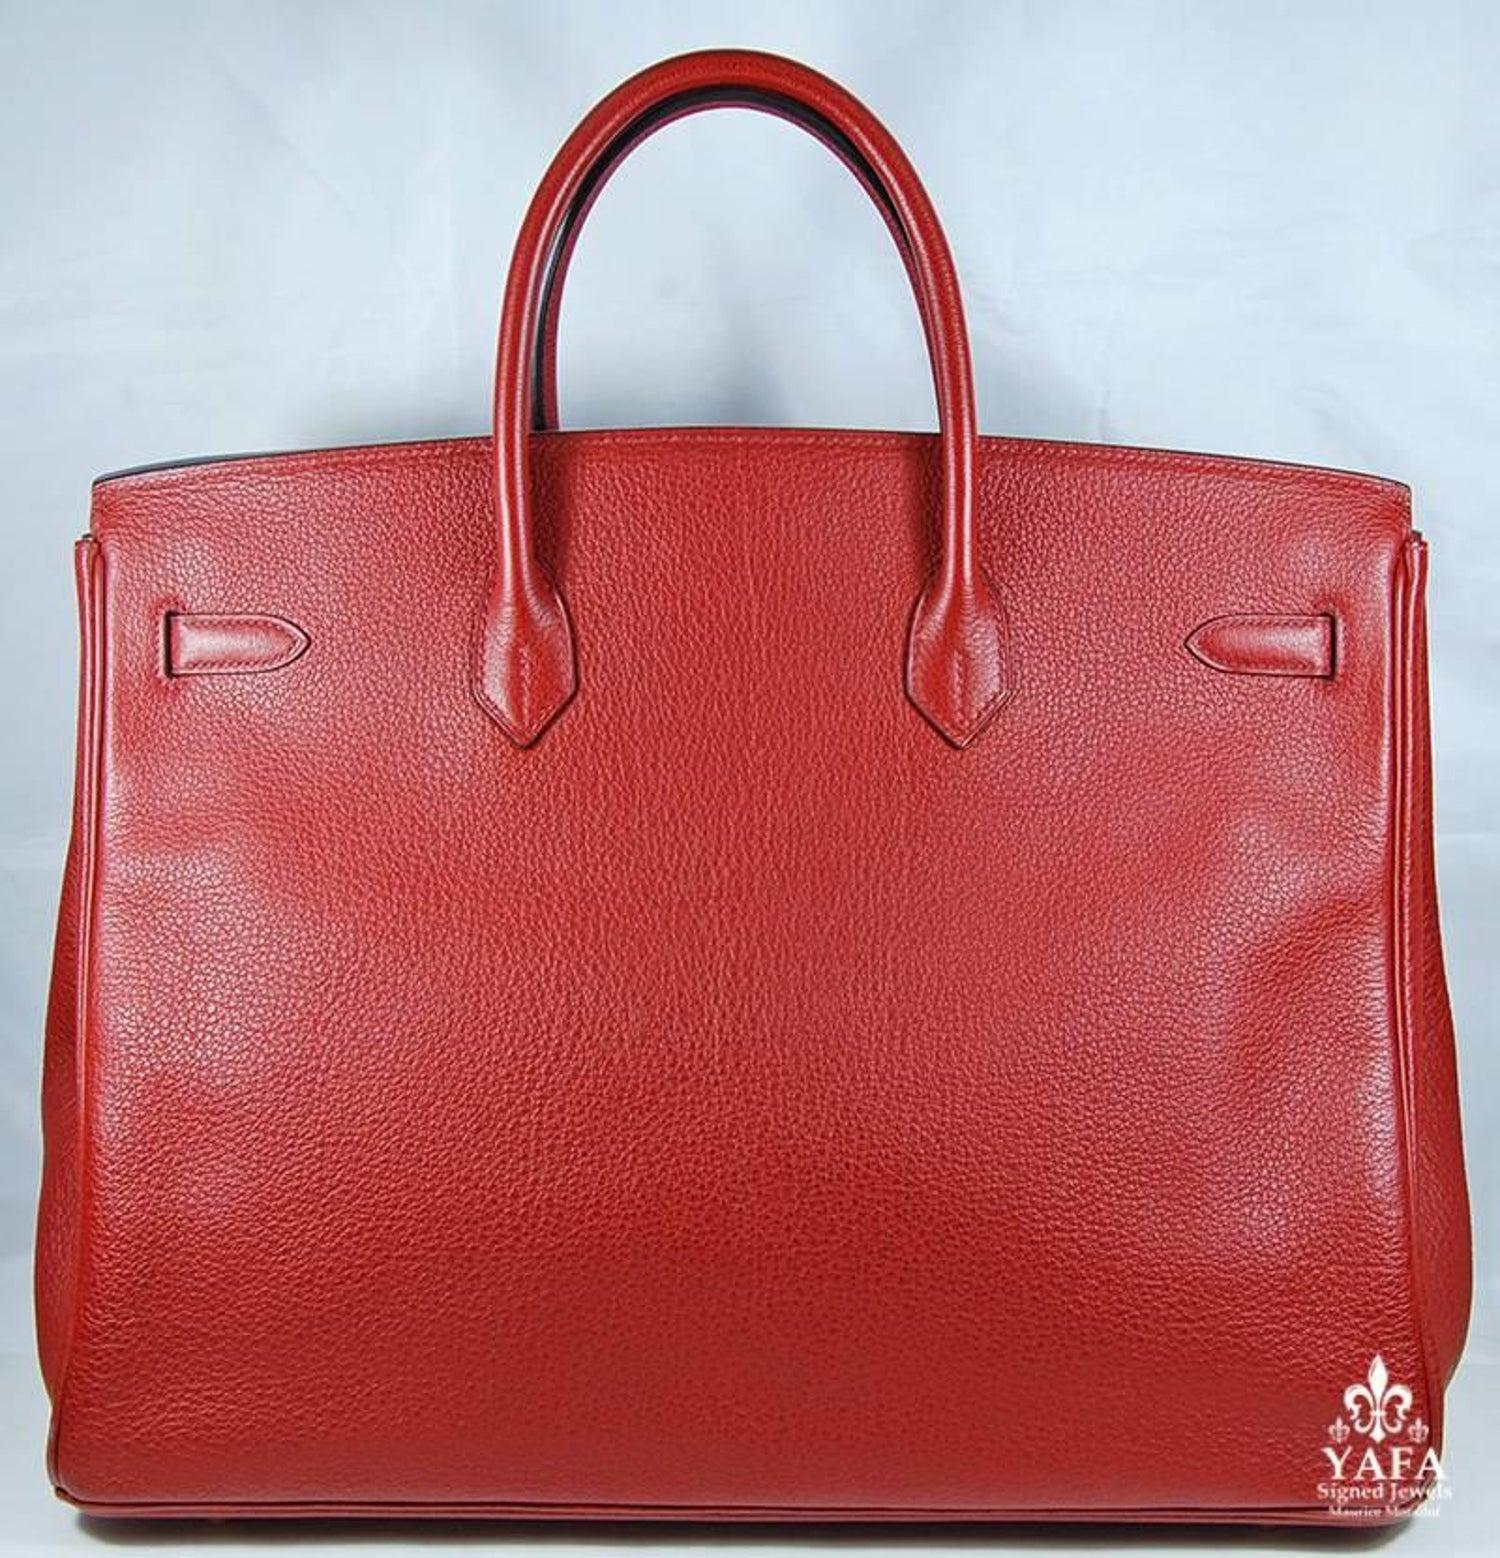 Hermes 40cm Red Birkin Bag For Sale at 1stdibs d9332c2bad75a